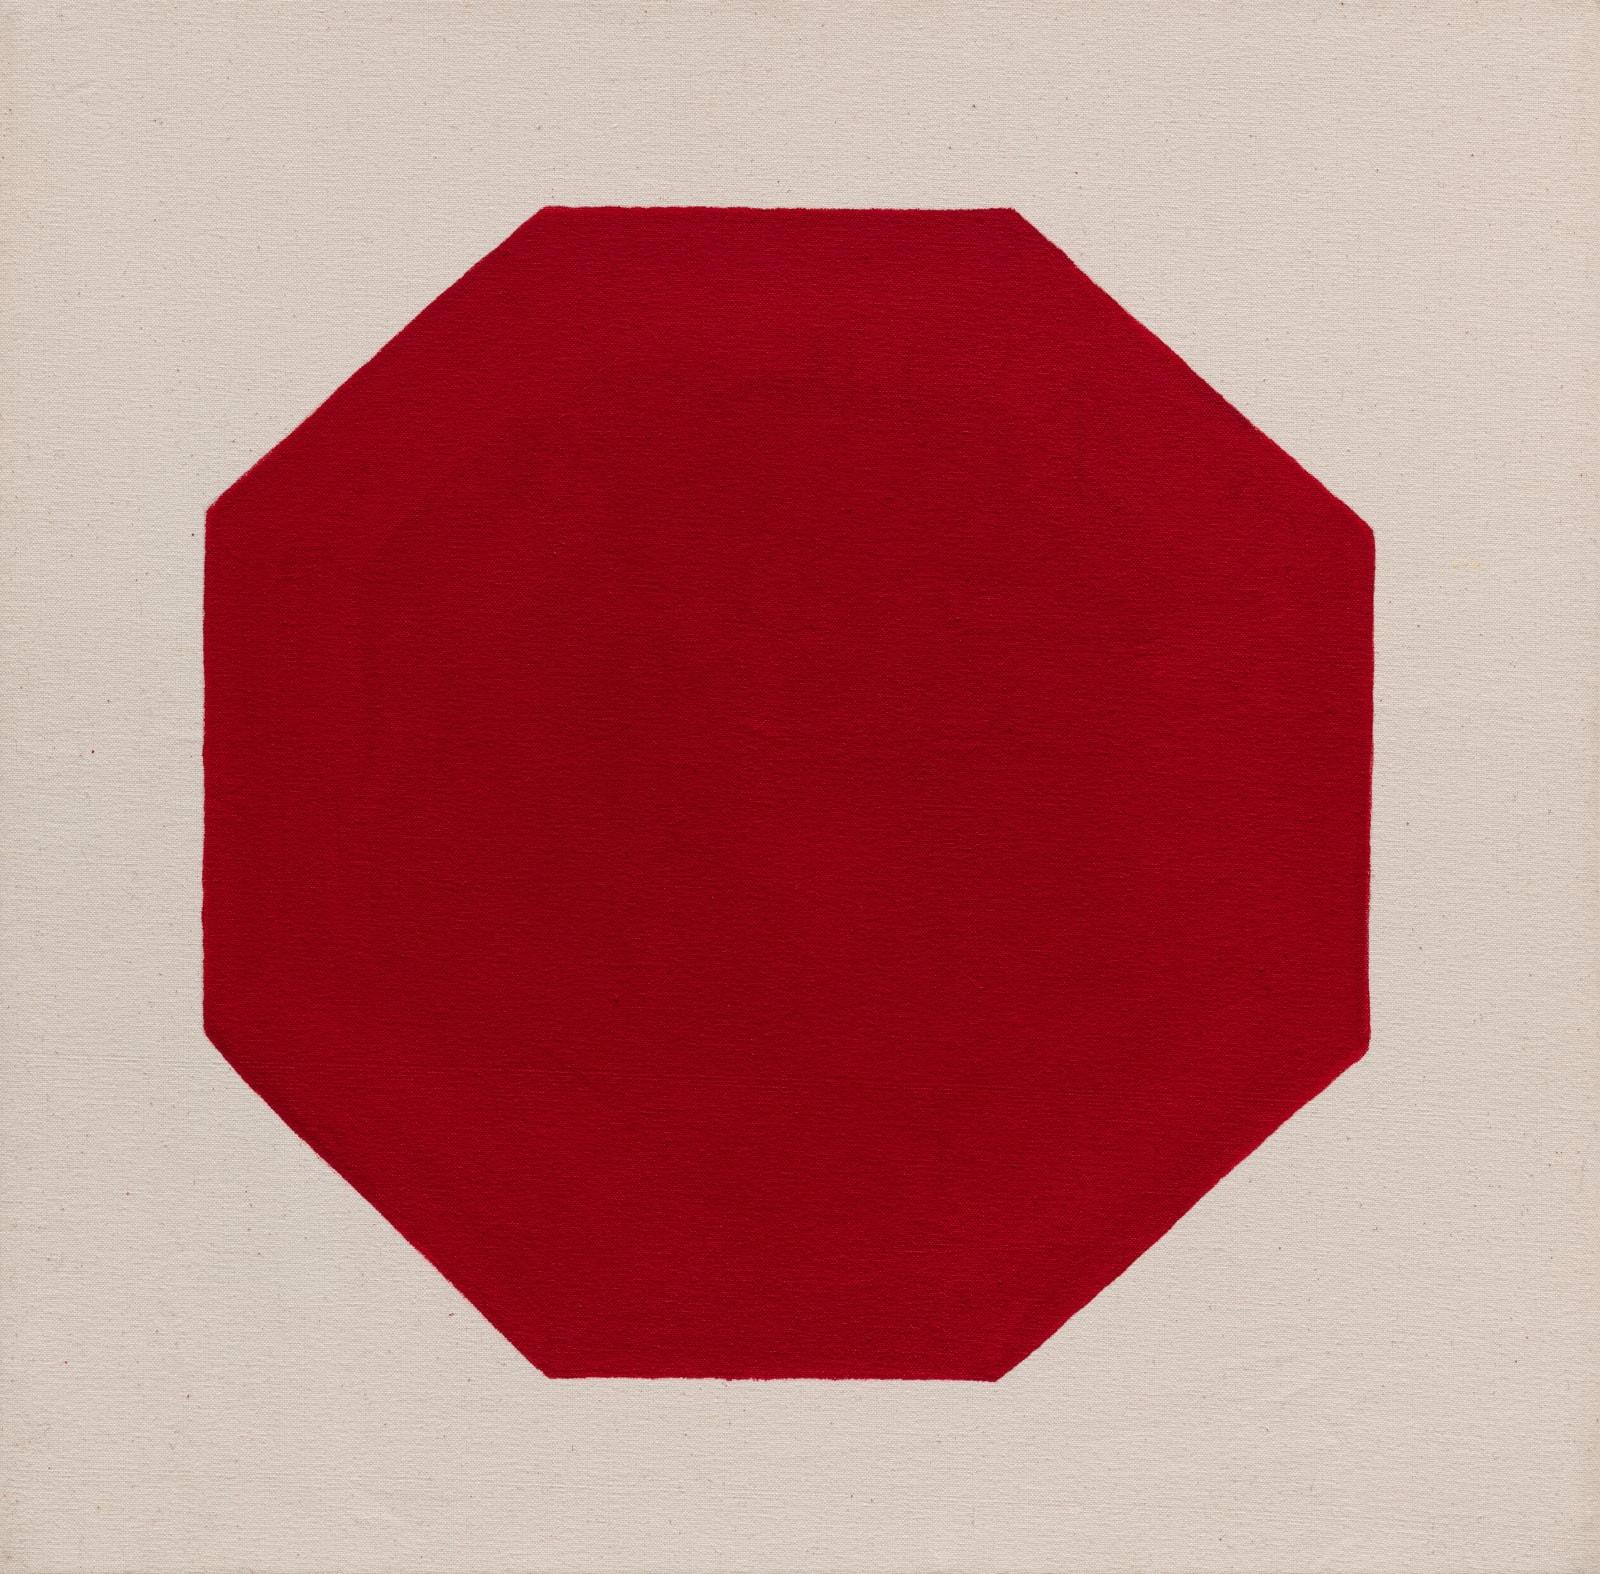 Julie Umerle, Octagon (red), 2018